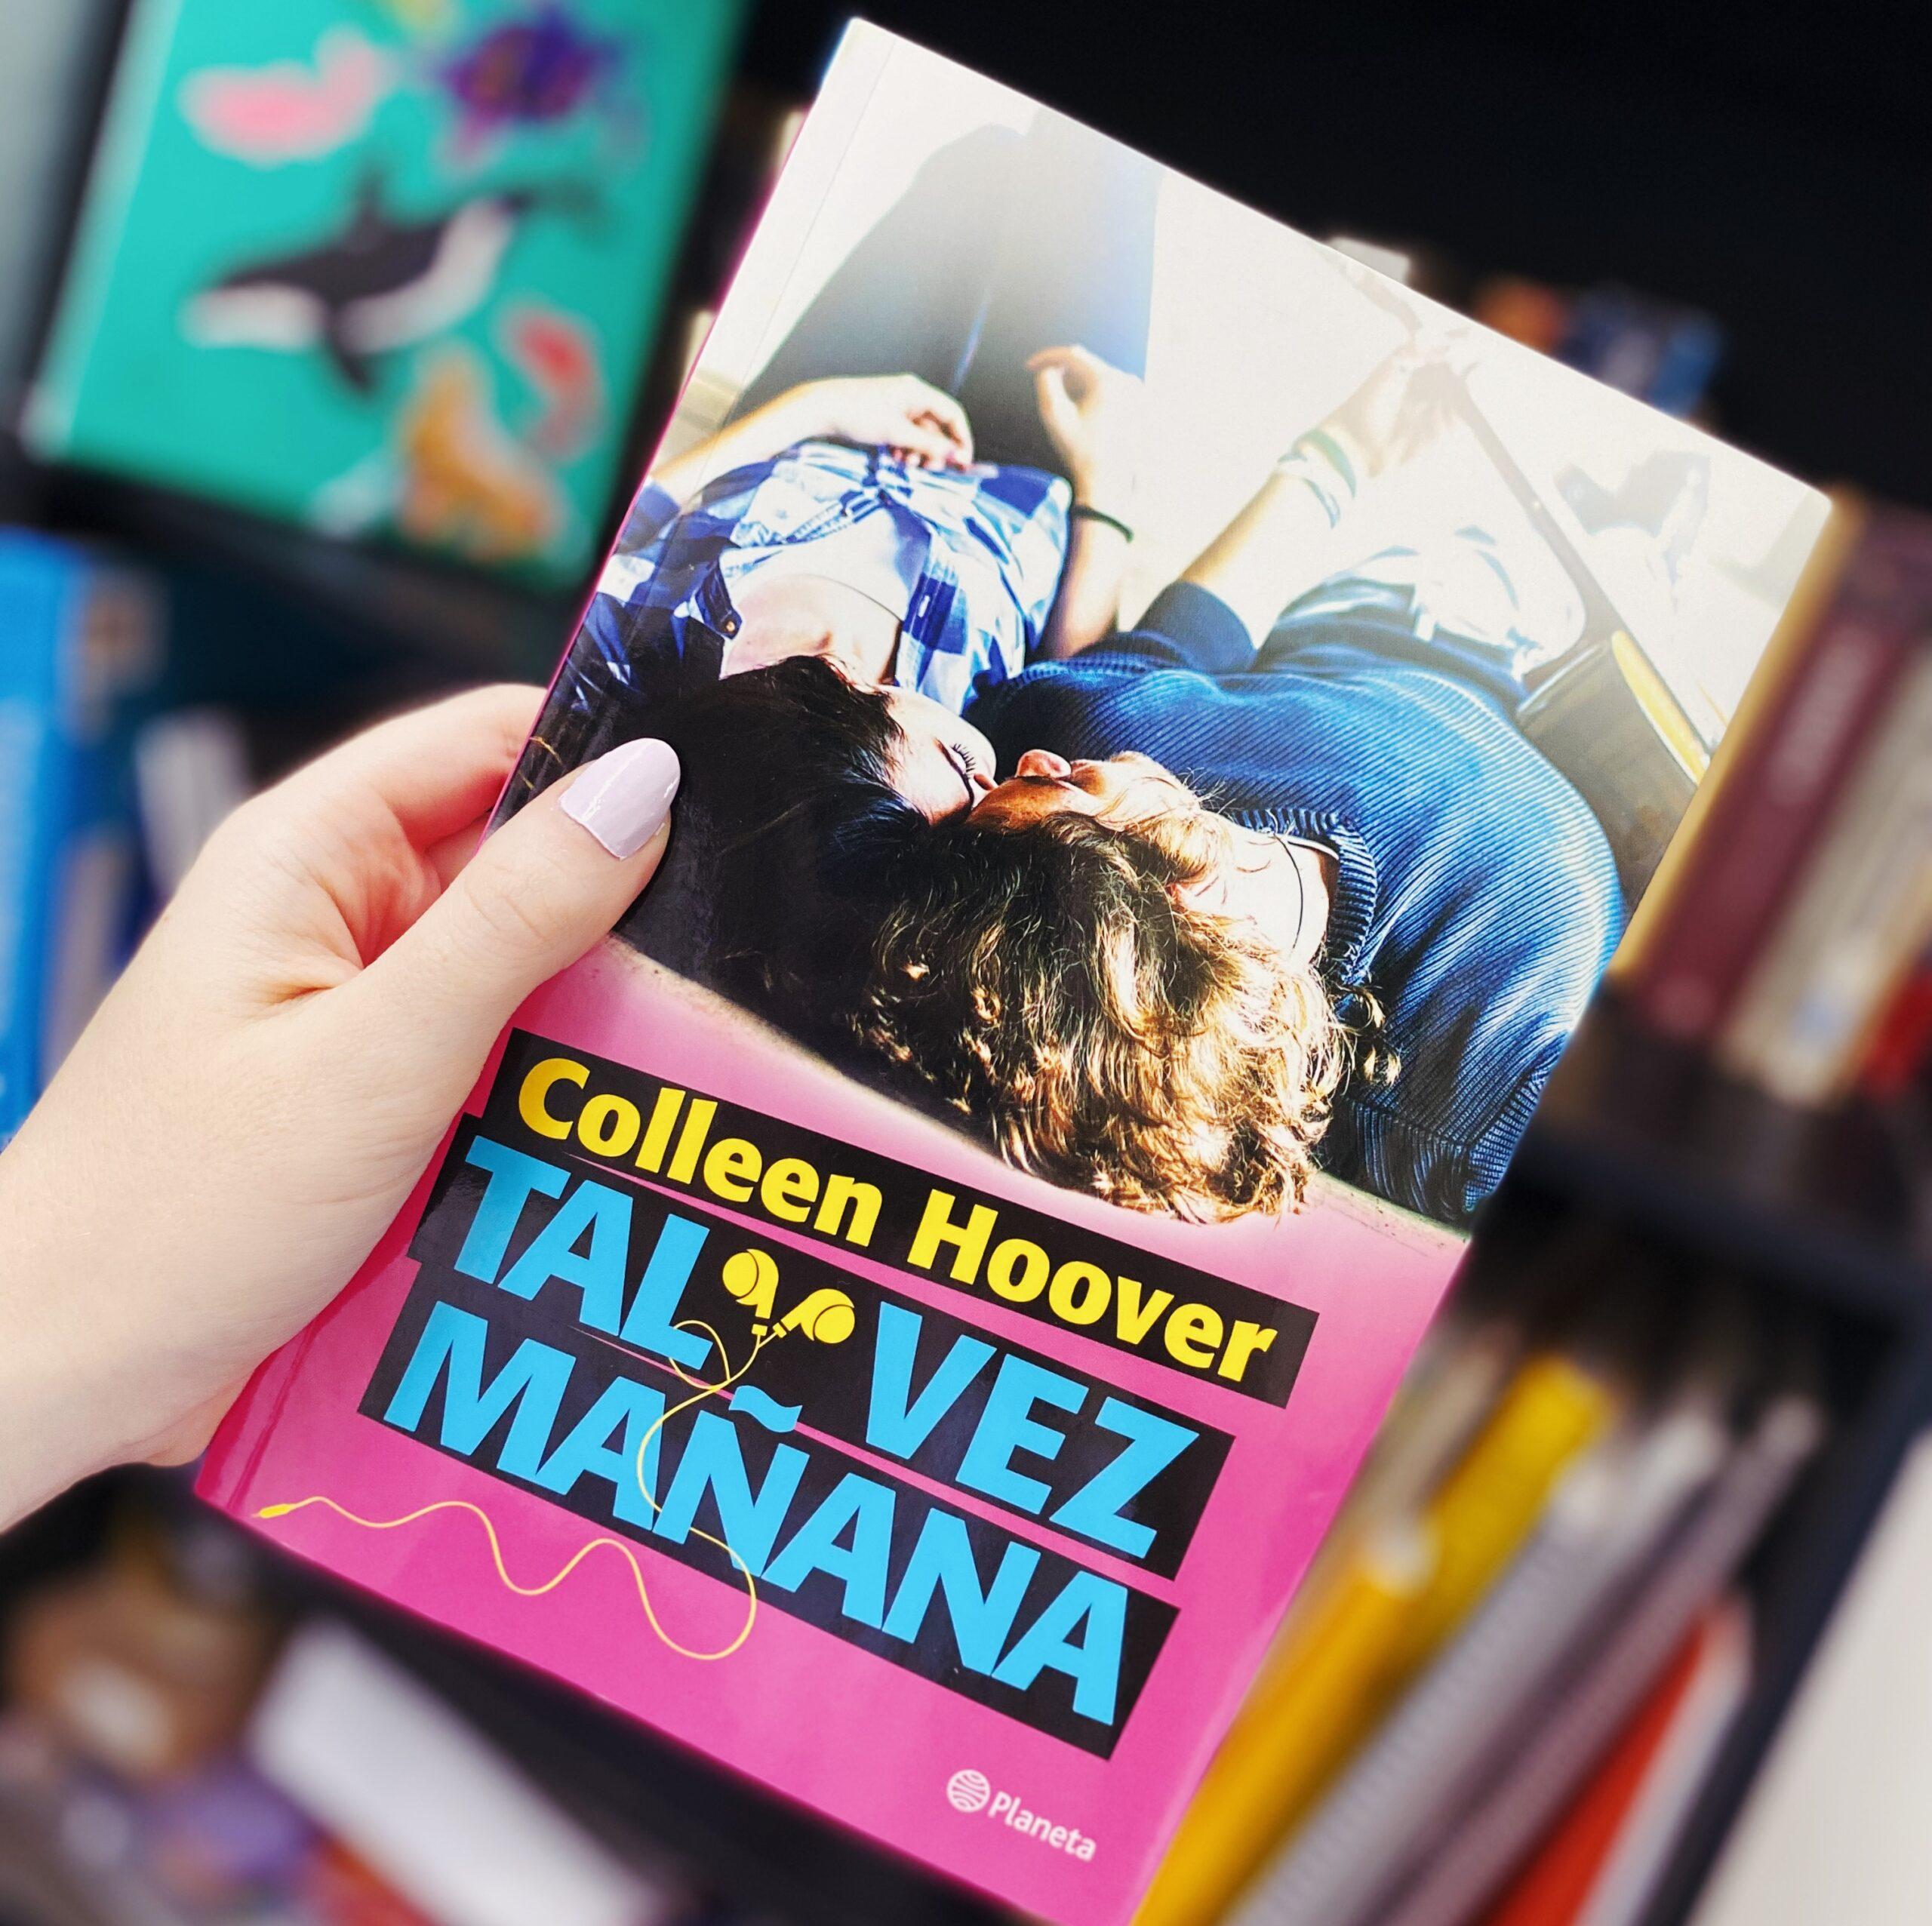 «Tal vez mañana» de Colleen Hoover